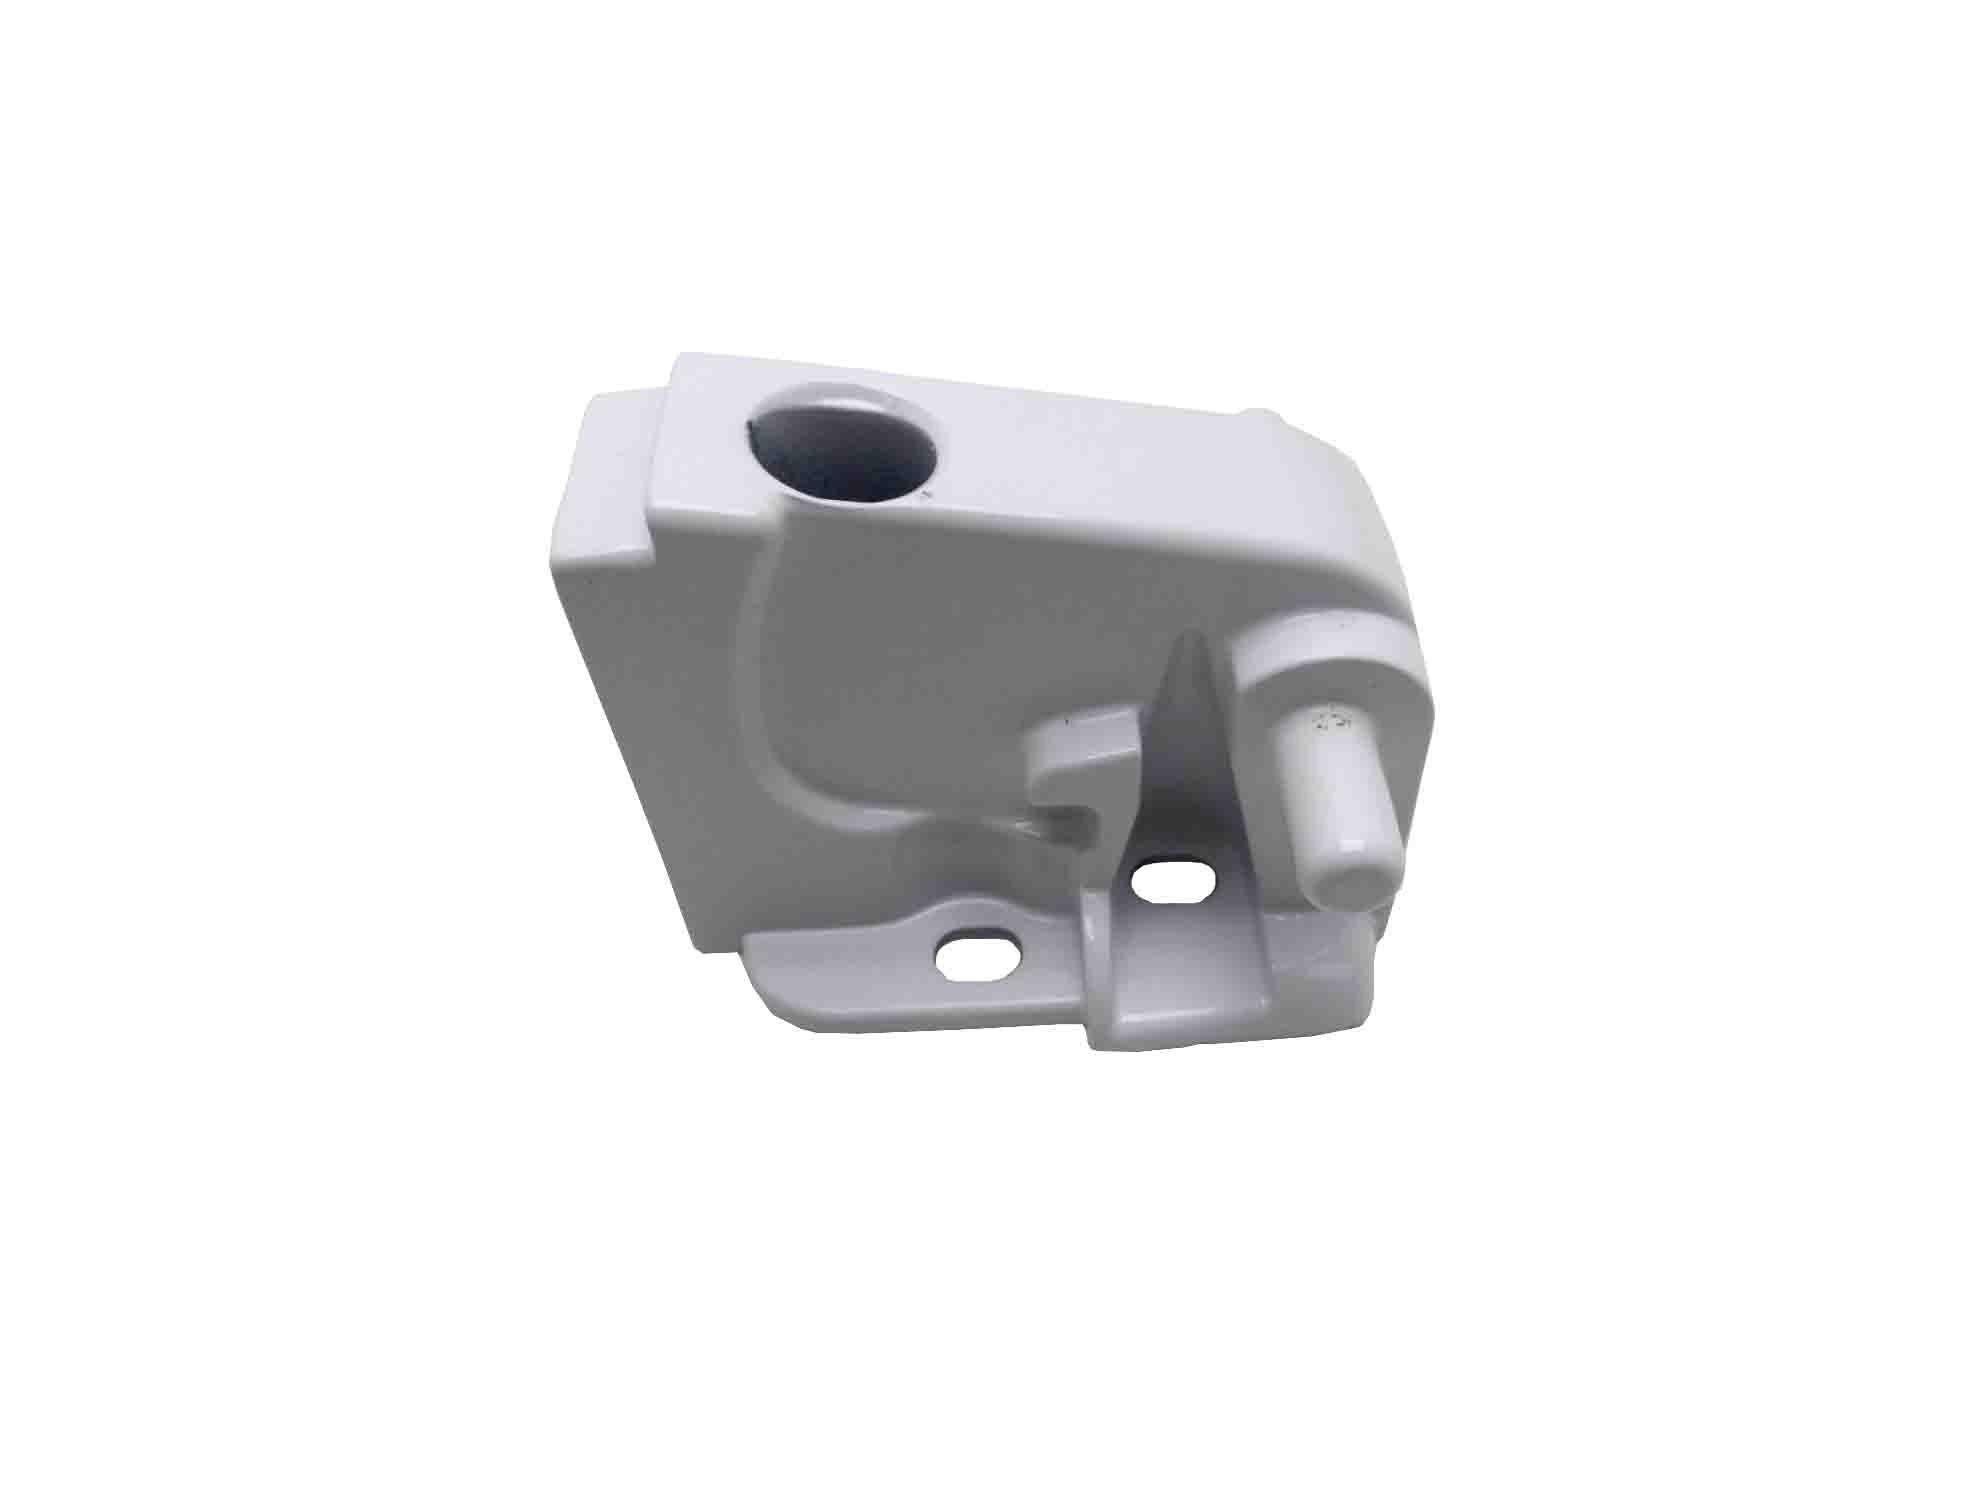 Dobradiça Intermediaria Esquerda Refrigerador Brastemp 326041455